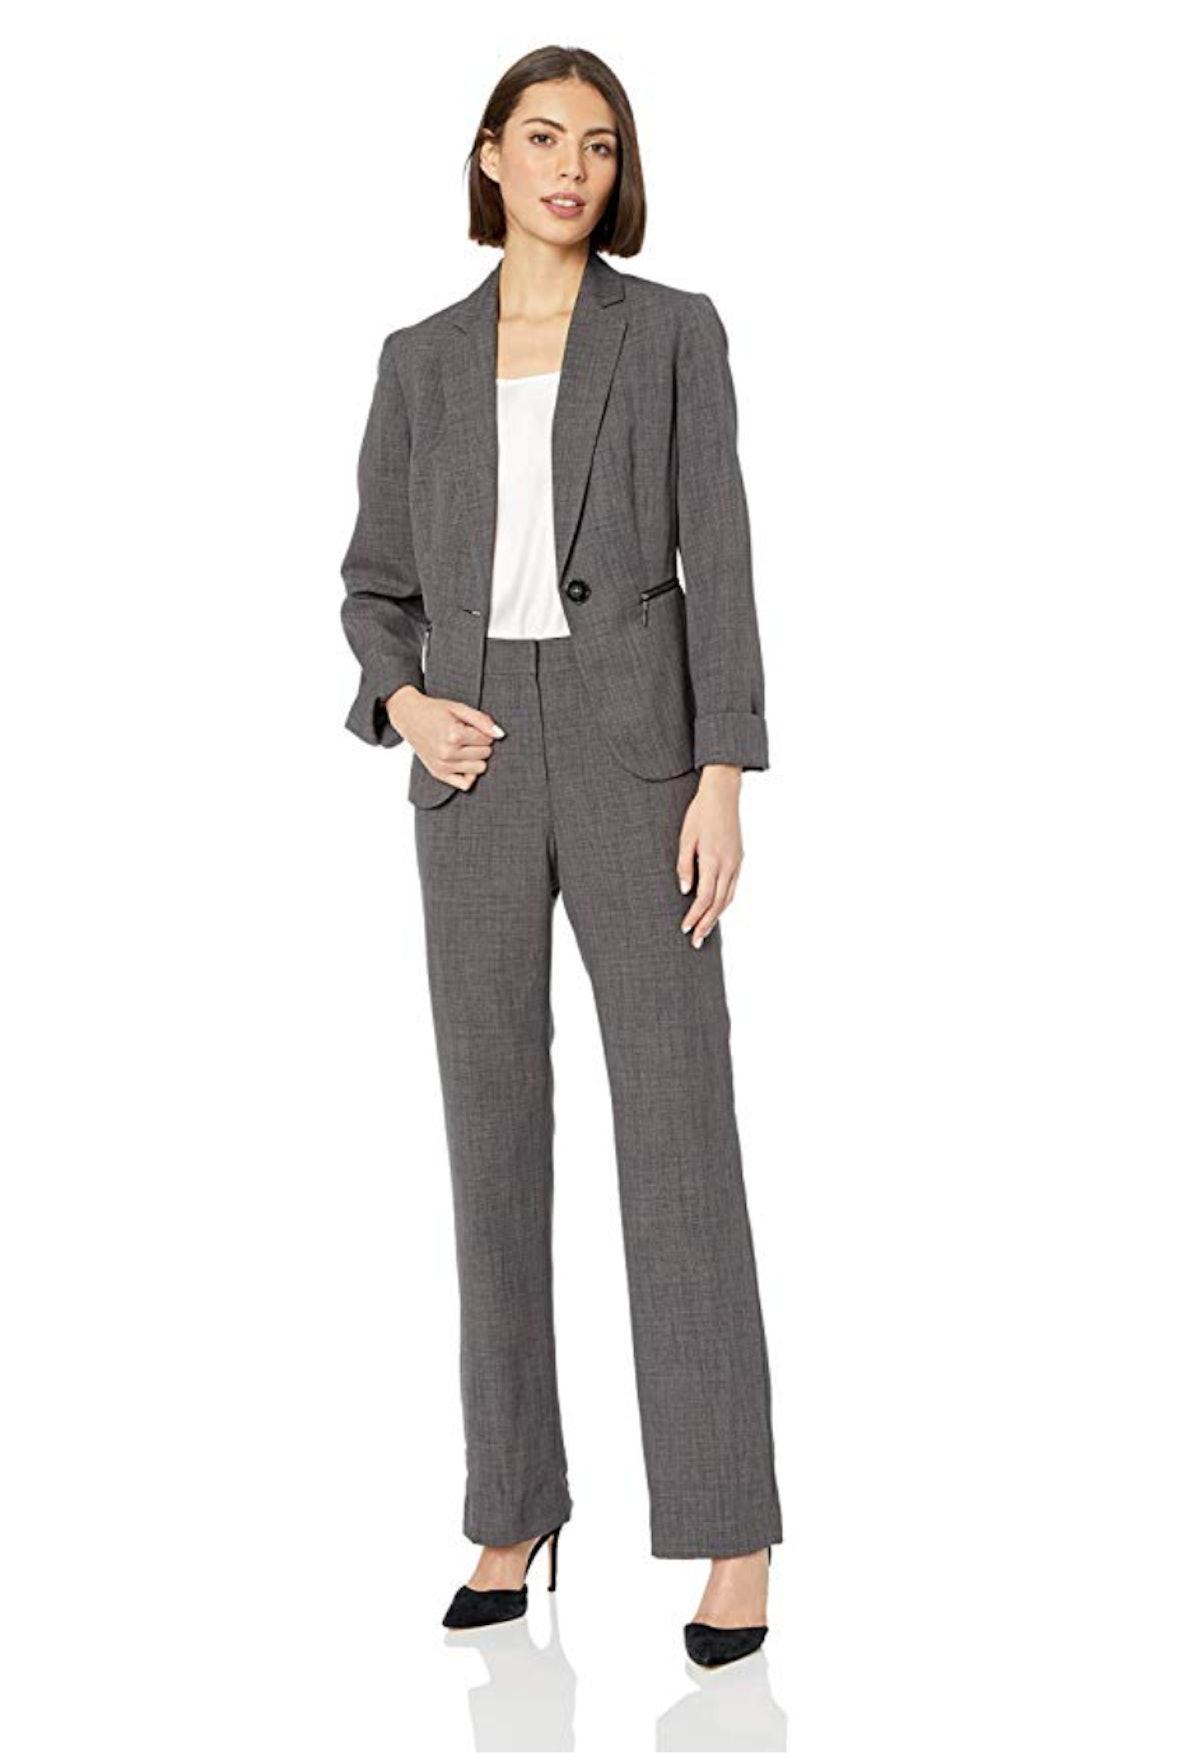 Le Suit Women's 1 Button Notch Collar Melange Pant Suit with Zip Pockets